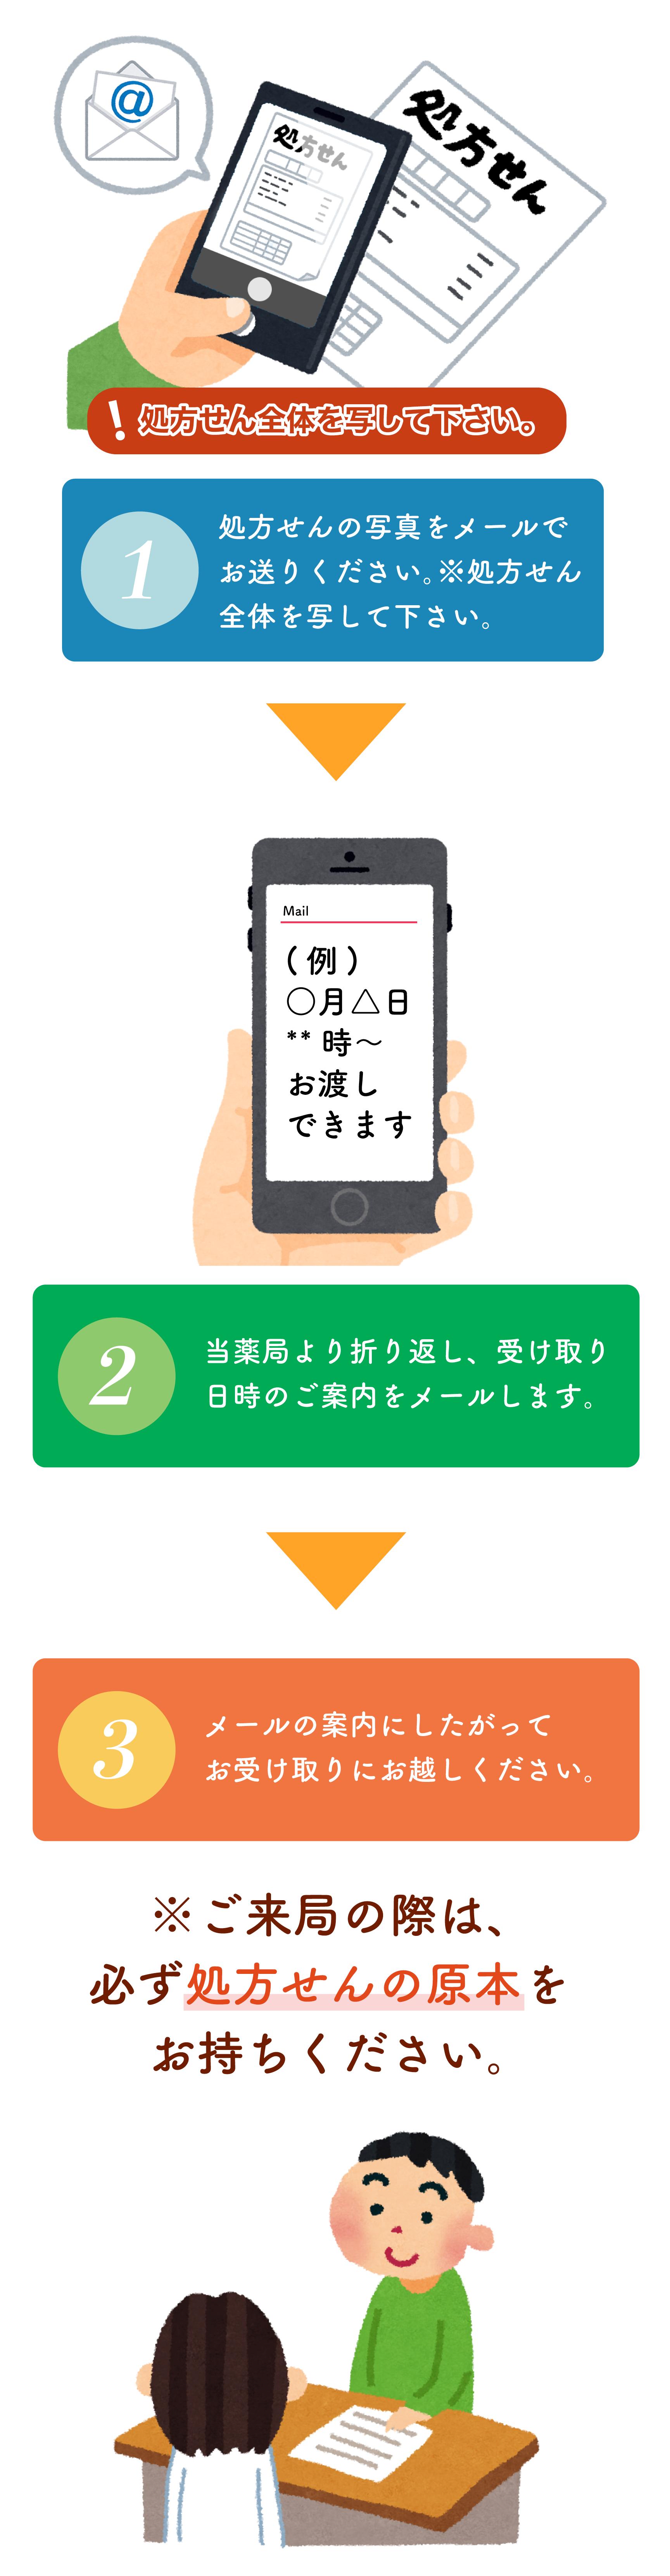 携帯電話・スマートフォンなどでのご利用の流れ